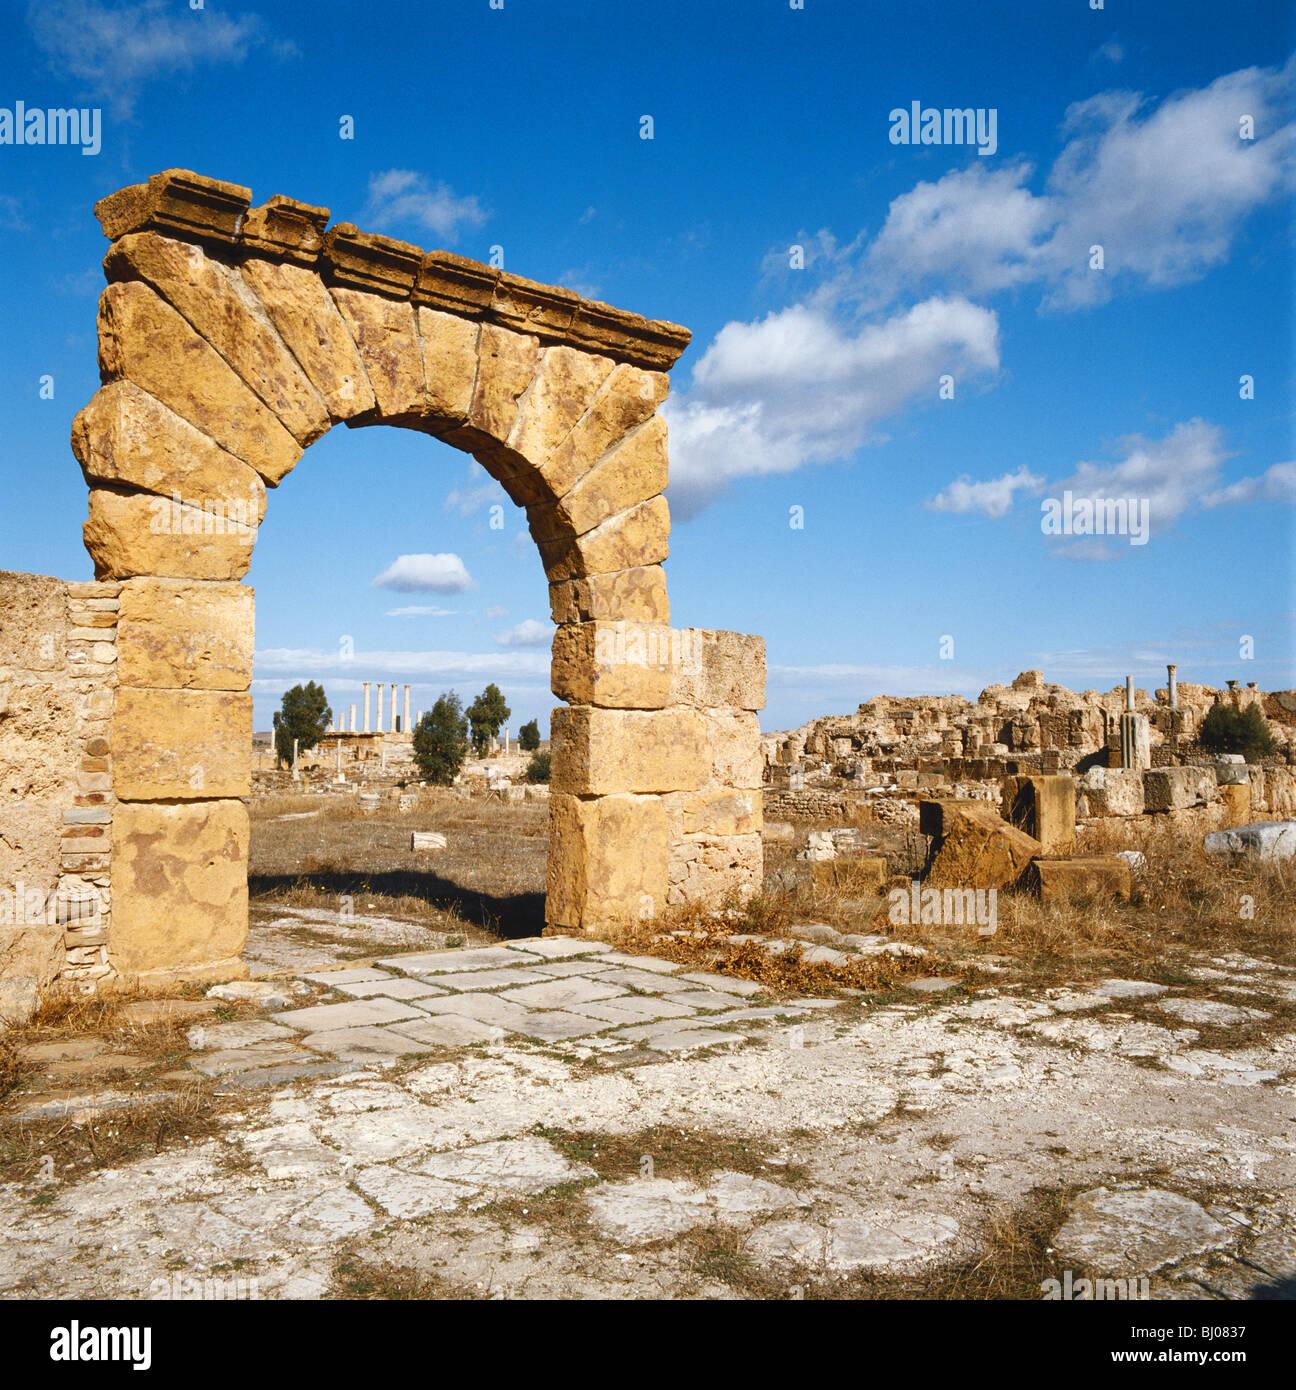 Les Ruines Romaines de Dougga, Tunisie, Afrique du Nord Photo Stock